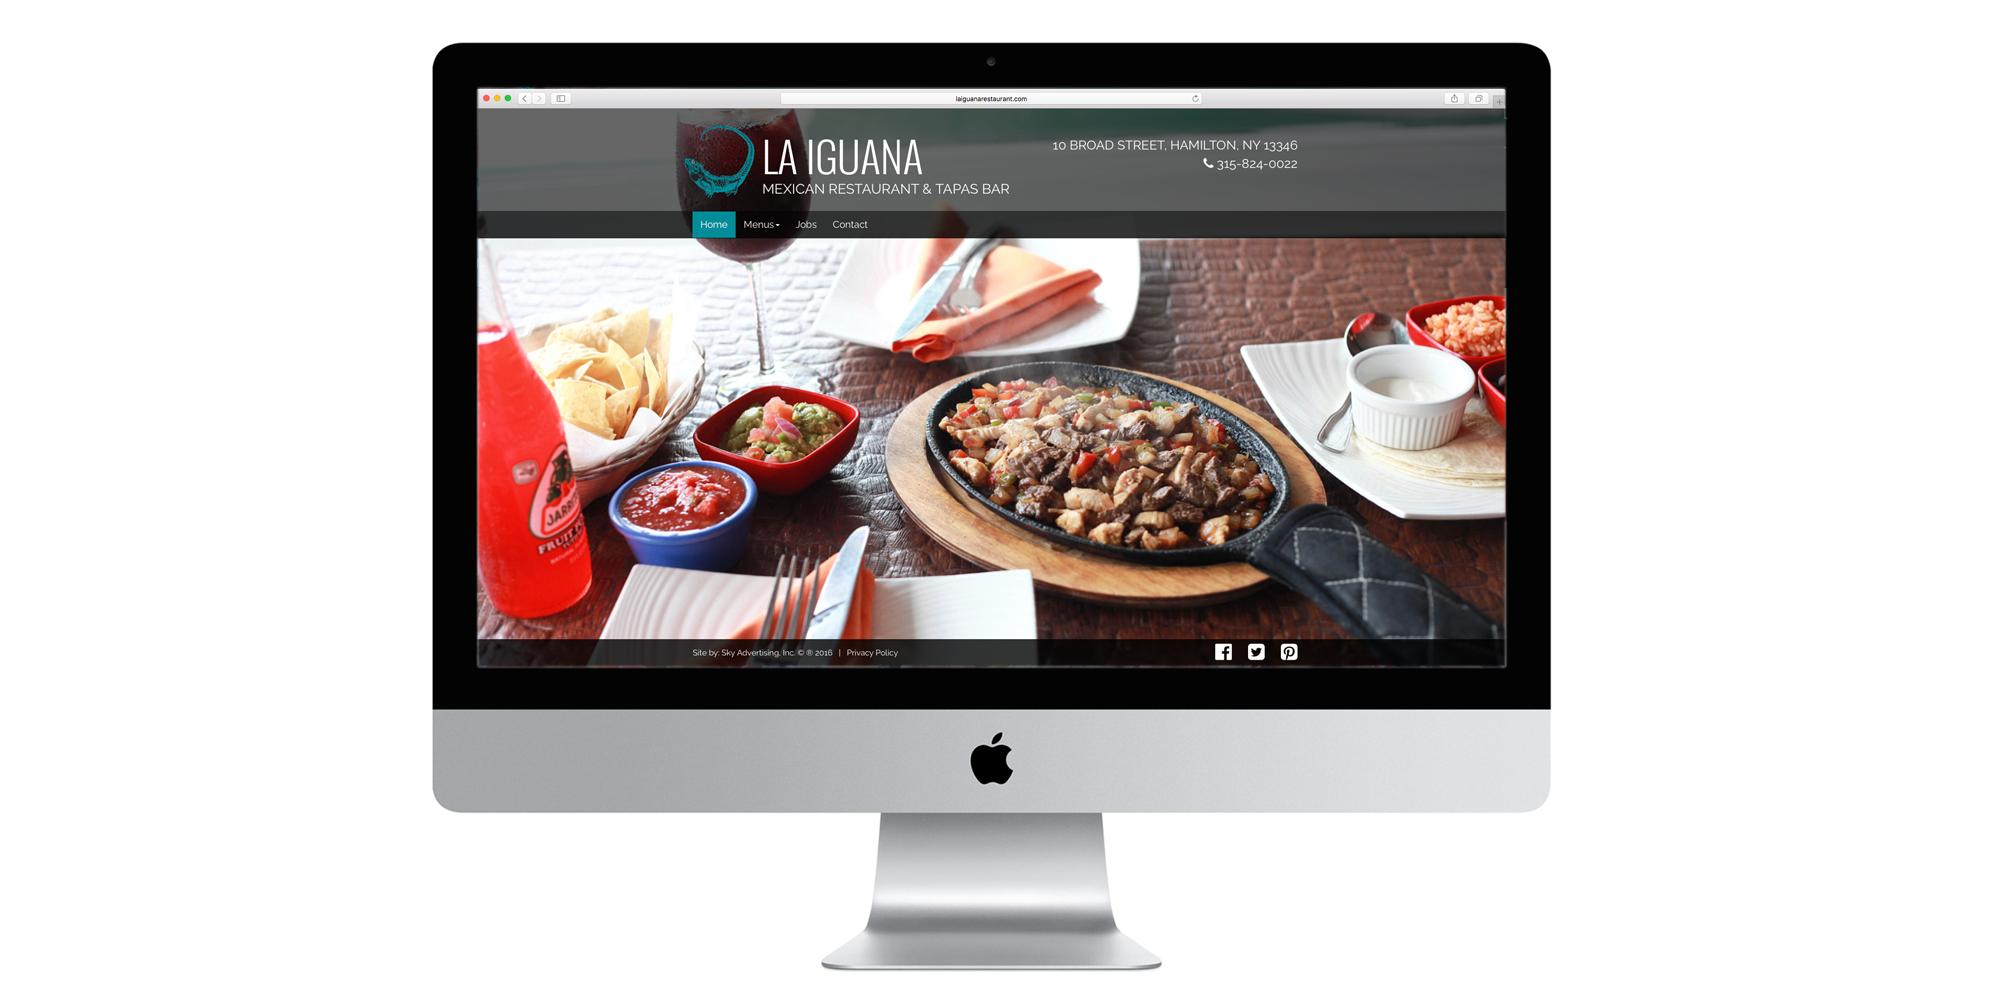 la-iguana-site